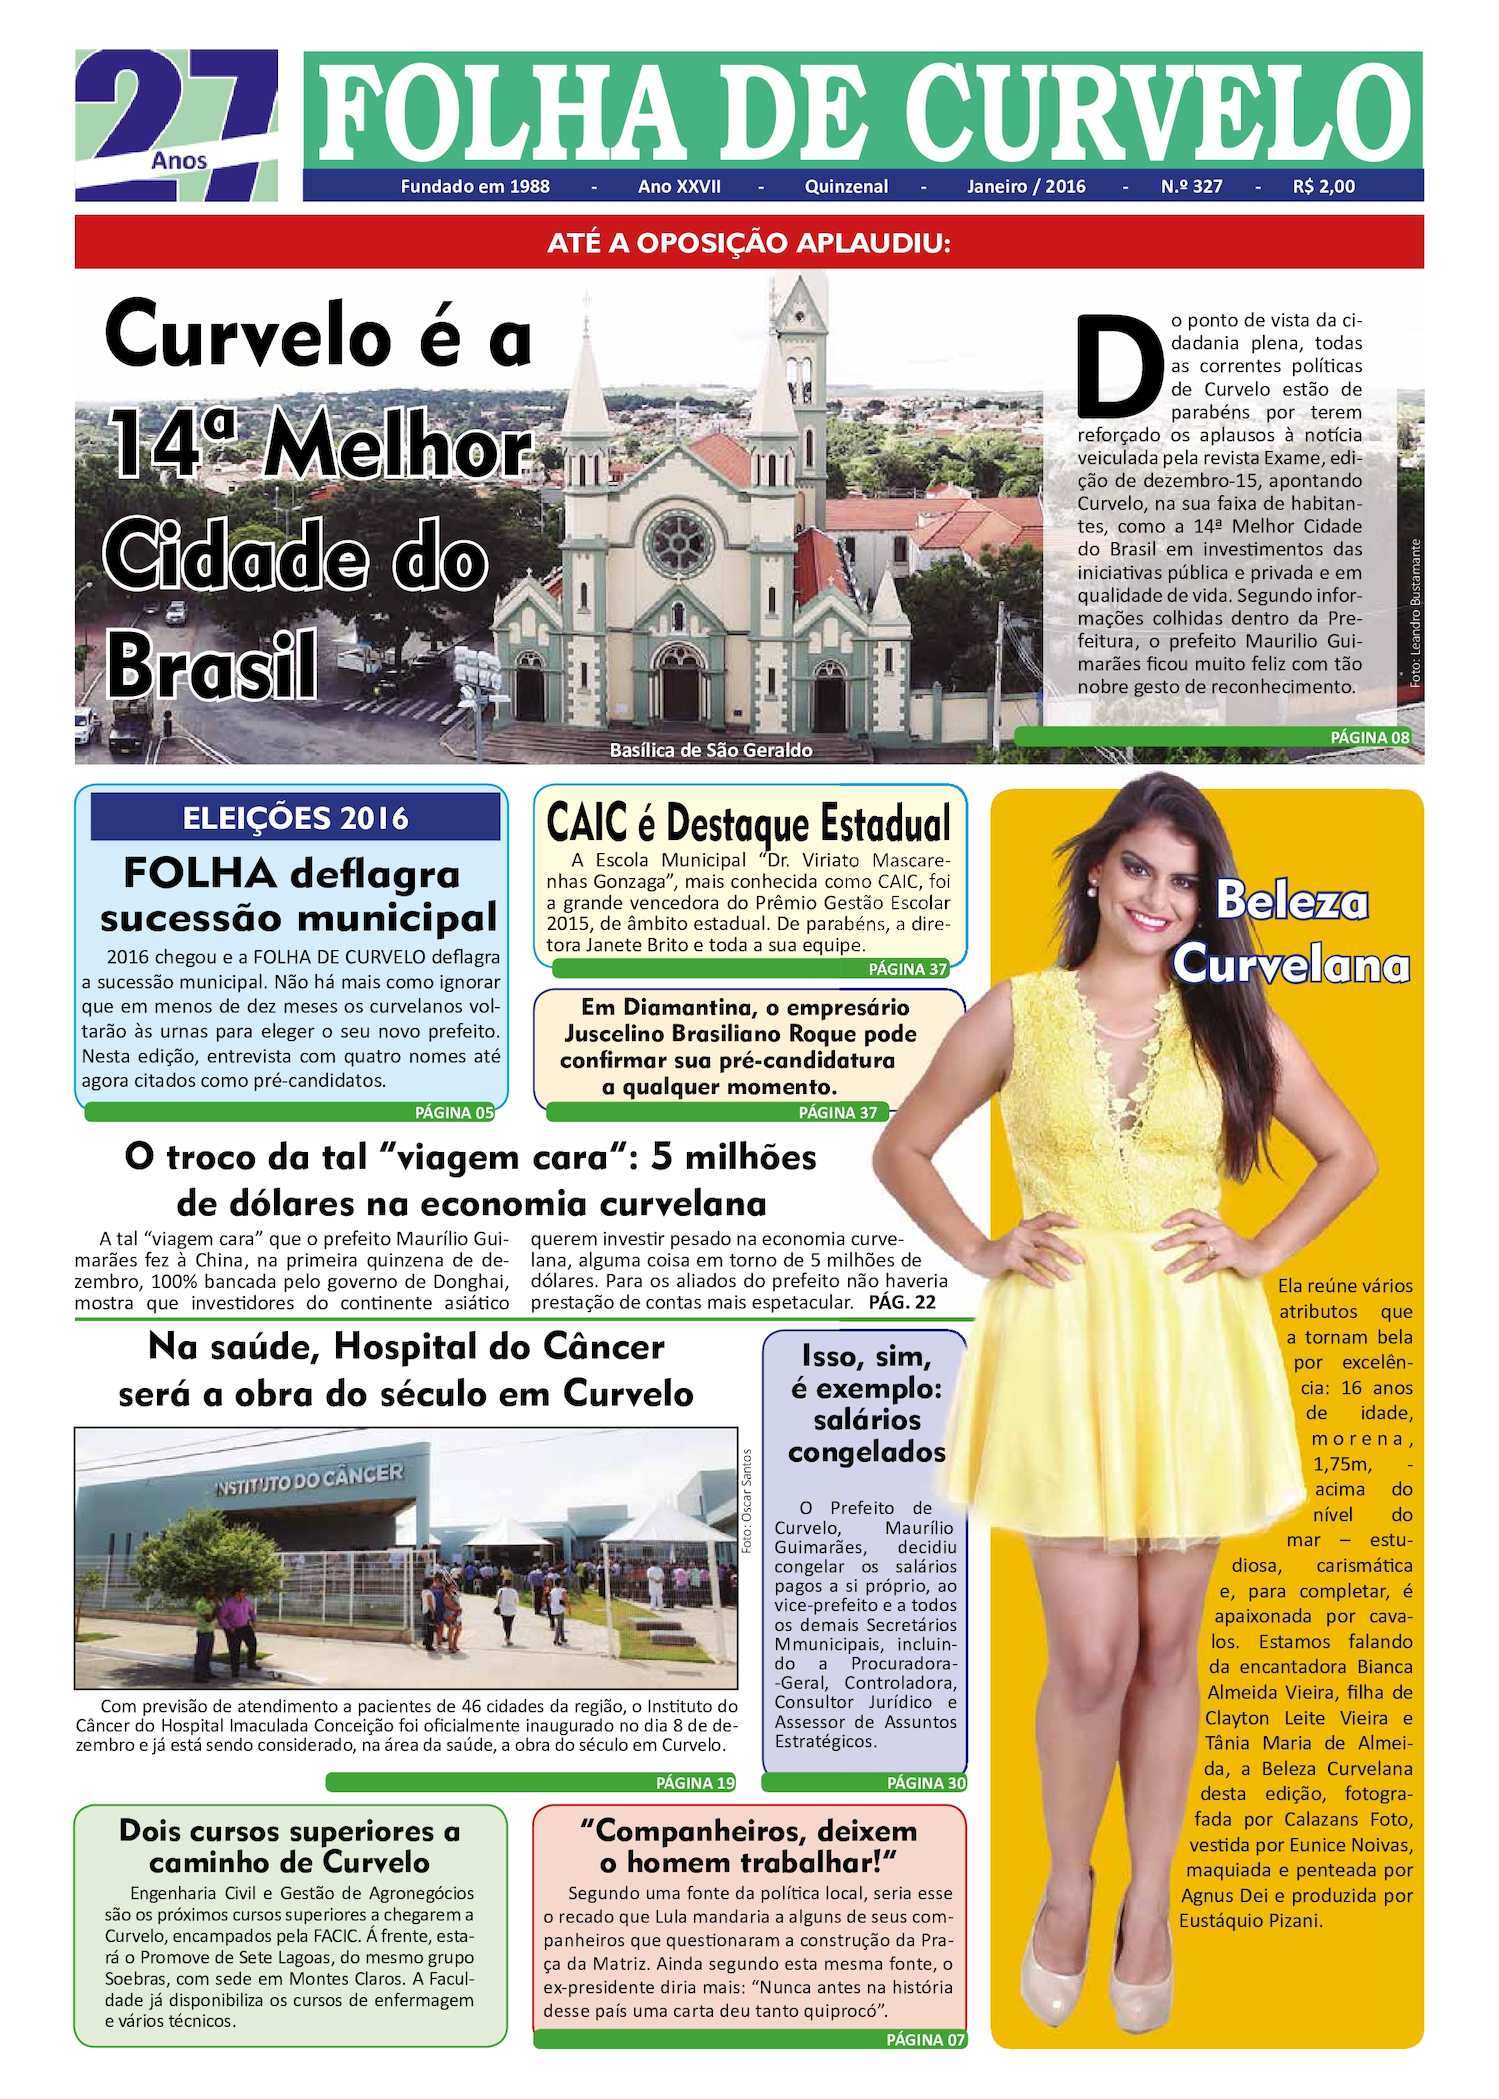 Calaméo - Jornal Folha de Curvelo 67328ff7e40da